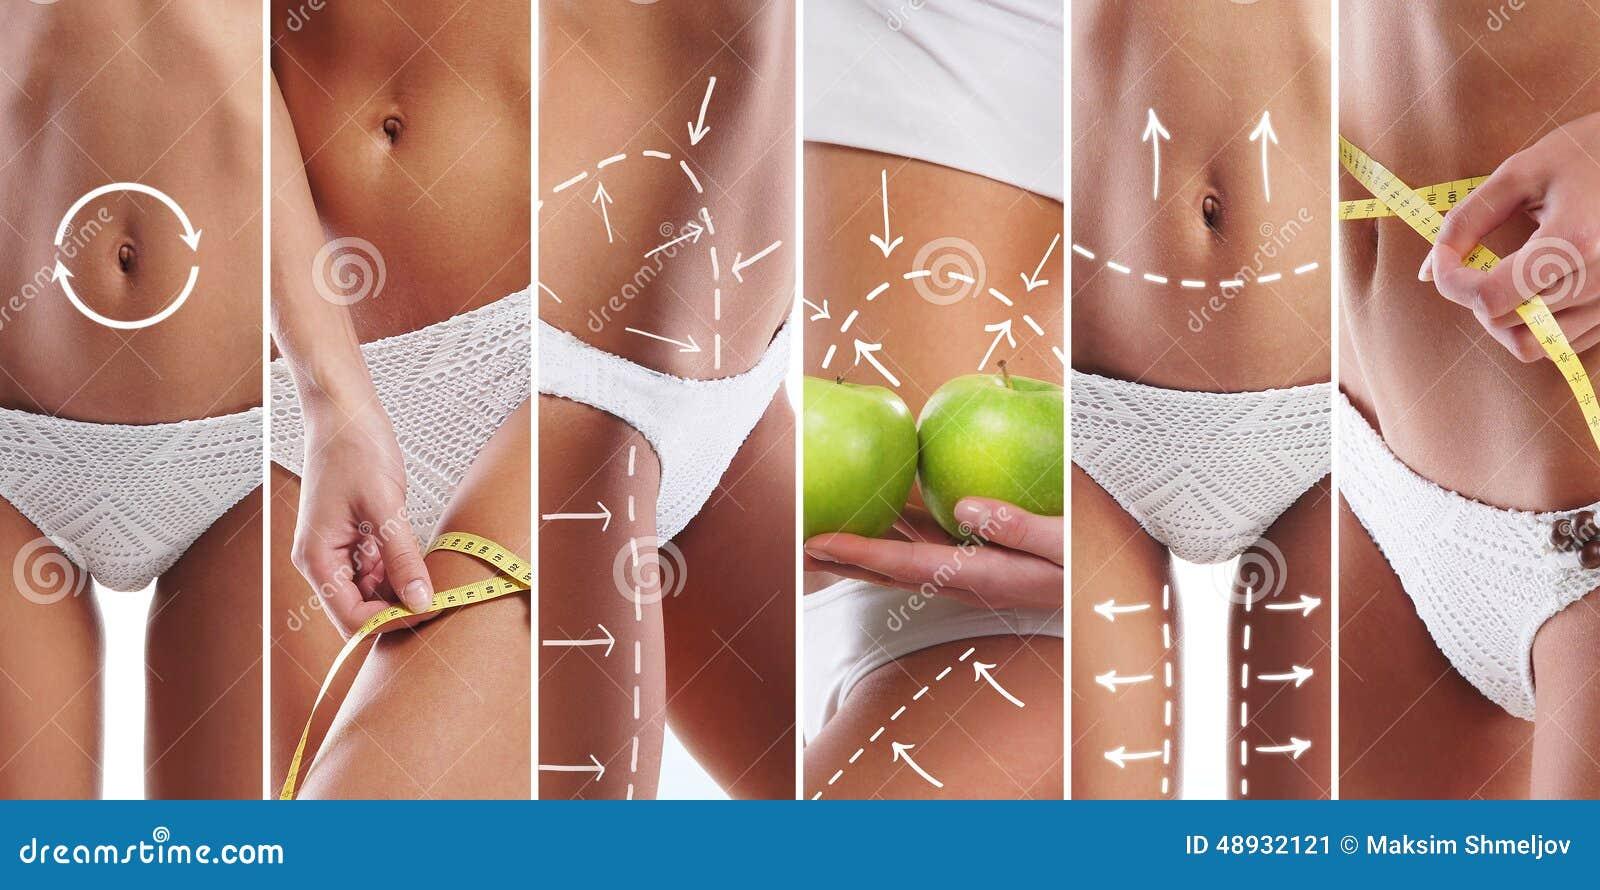 Получить, фото женских тел